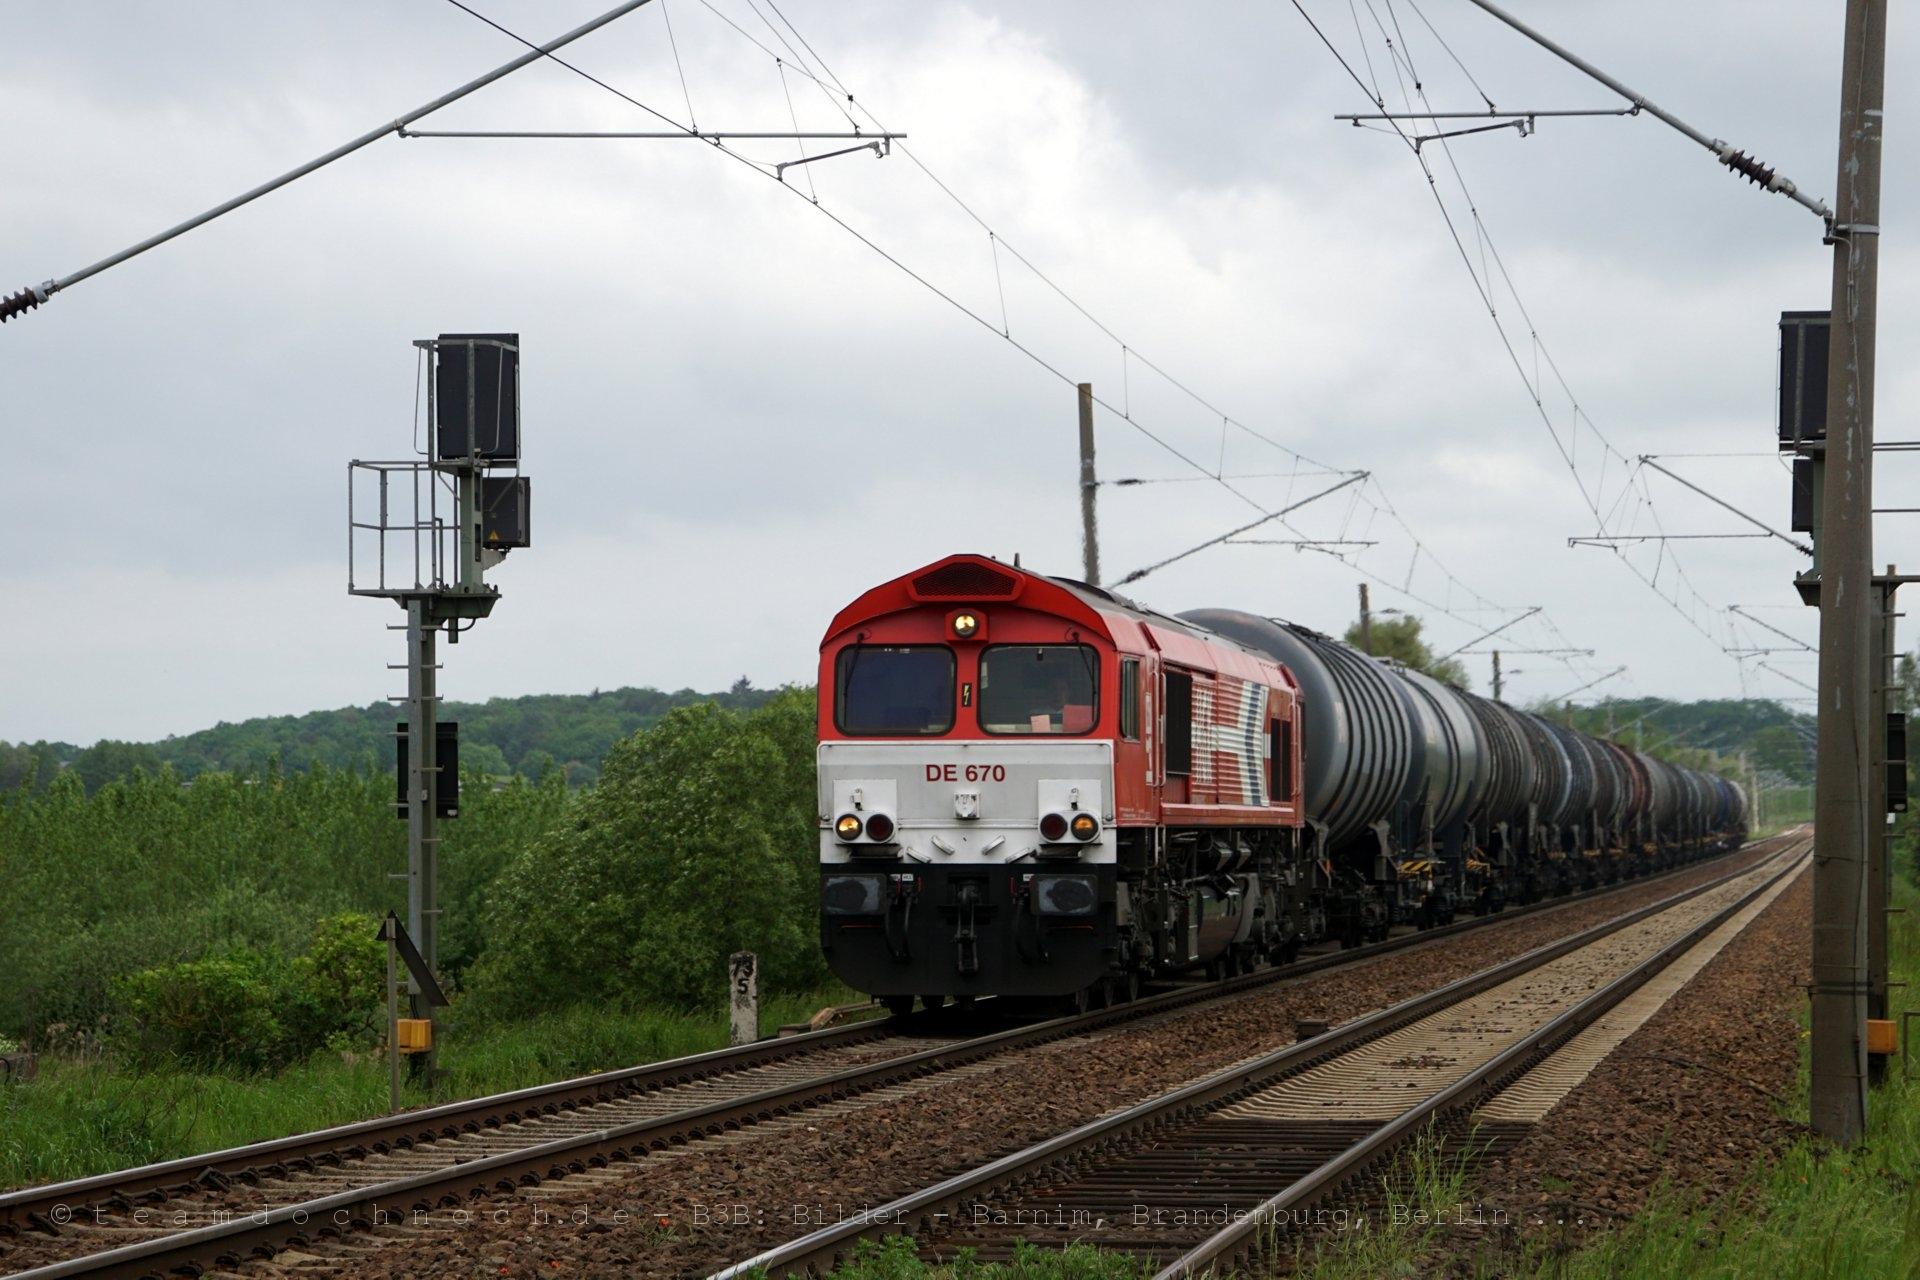 Class 66 DE650 der HGK am Bahnübergang westlich von Kerkow